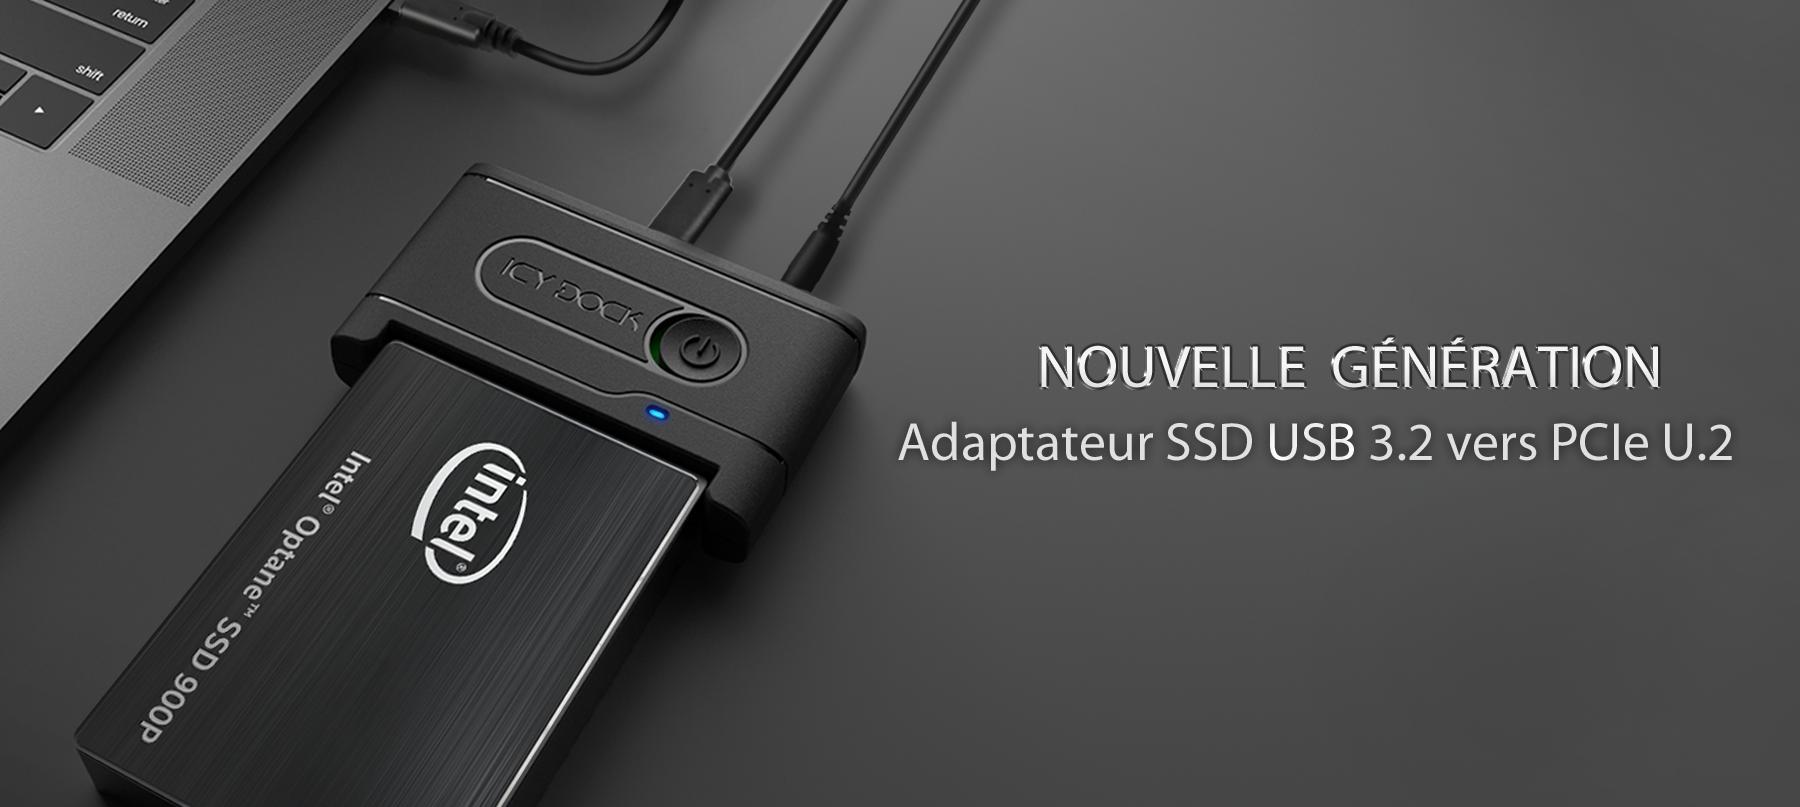 Adaptateur SSD USB 3.2 vers PCIe U.2